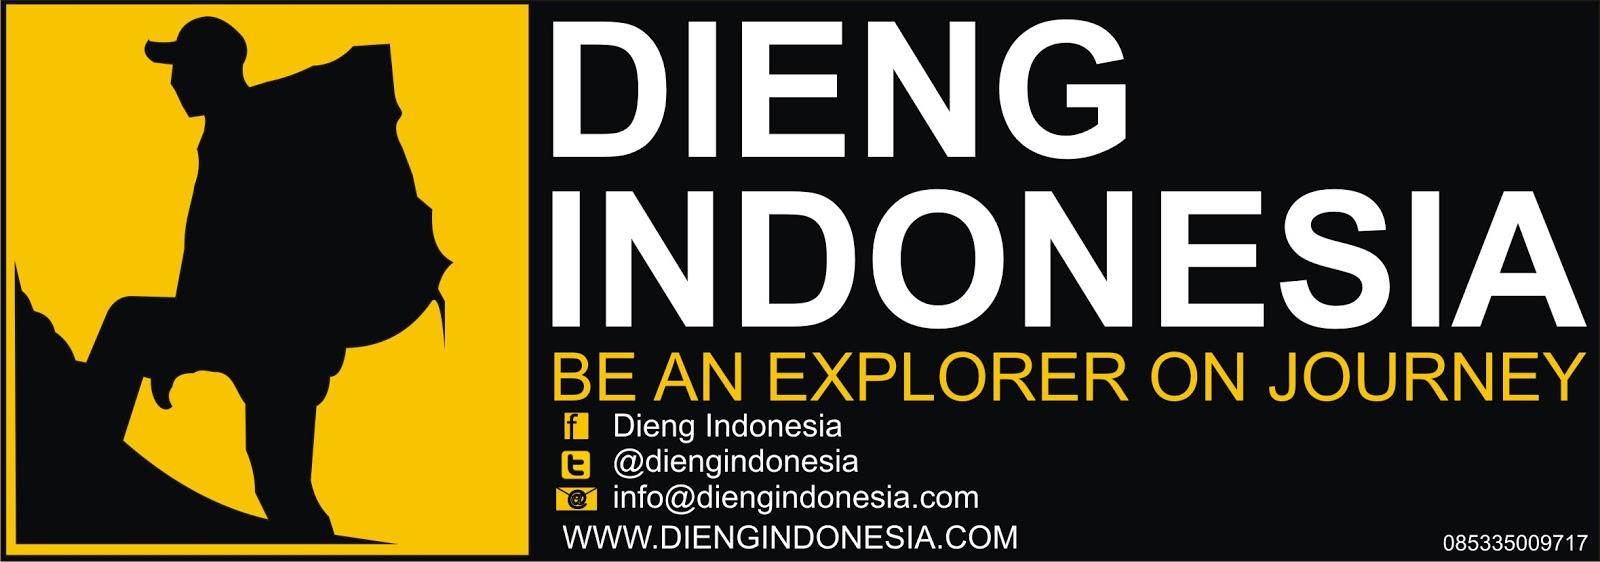 Paket Wisata Dieng Indonesia 1 Hari